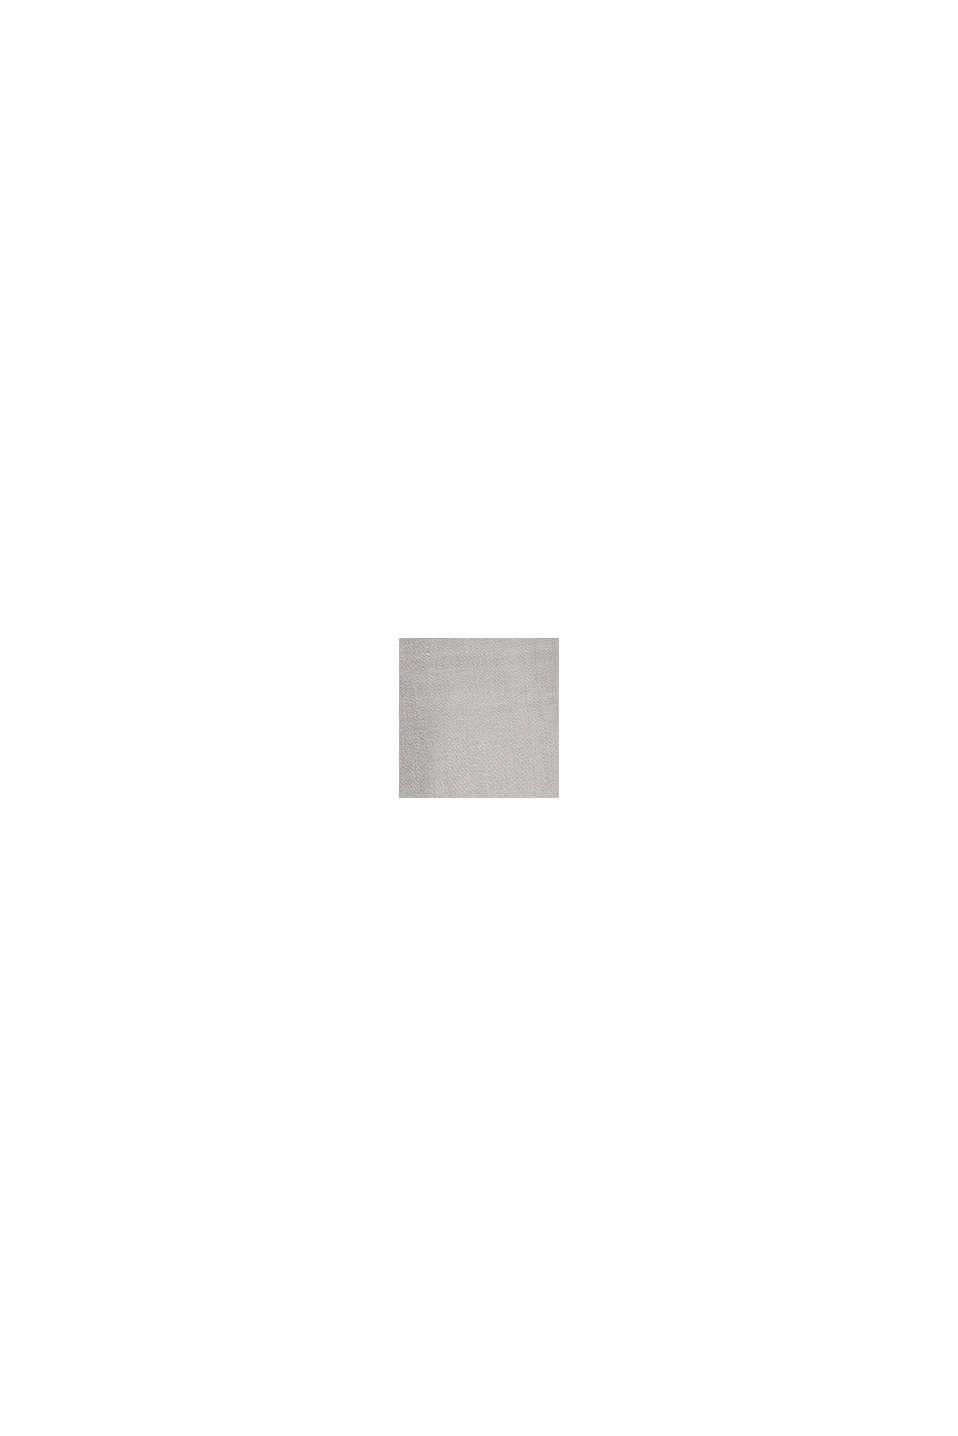 Jeans-Bermuda mit Verstellbund, GREY LIGHT WASHED, swatch